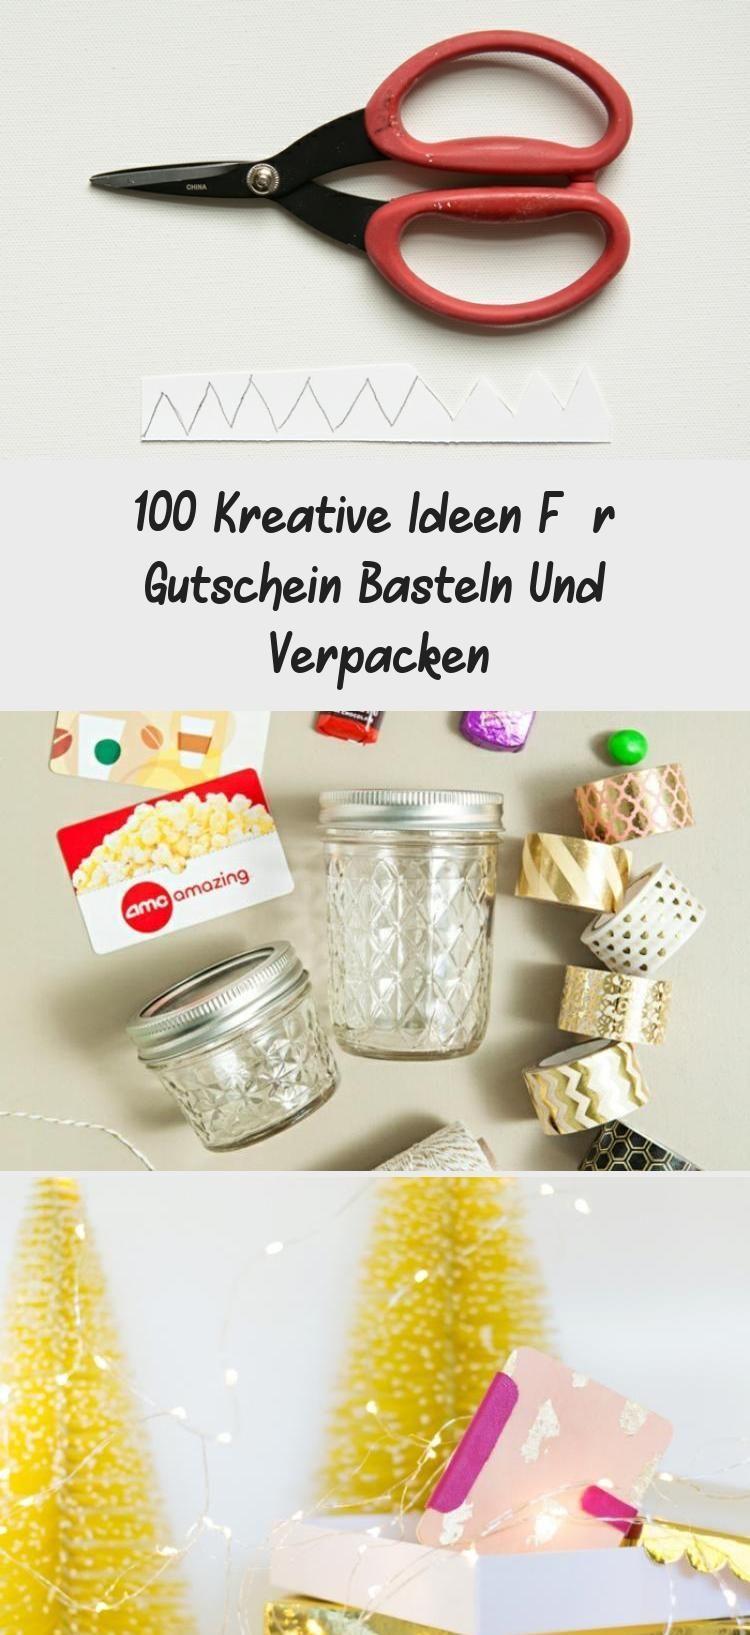 100 Kreative Ideen Für Gutschein Basteln Und Verpacken #kinogutscheinbasteln Valentinstag Geschenk, Geschenkgutscheine verpacken, Abendbrot und Kino #ValentinstagGeschenkideen #kinogutscheinbasteln